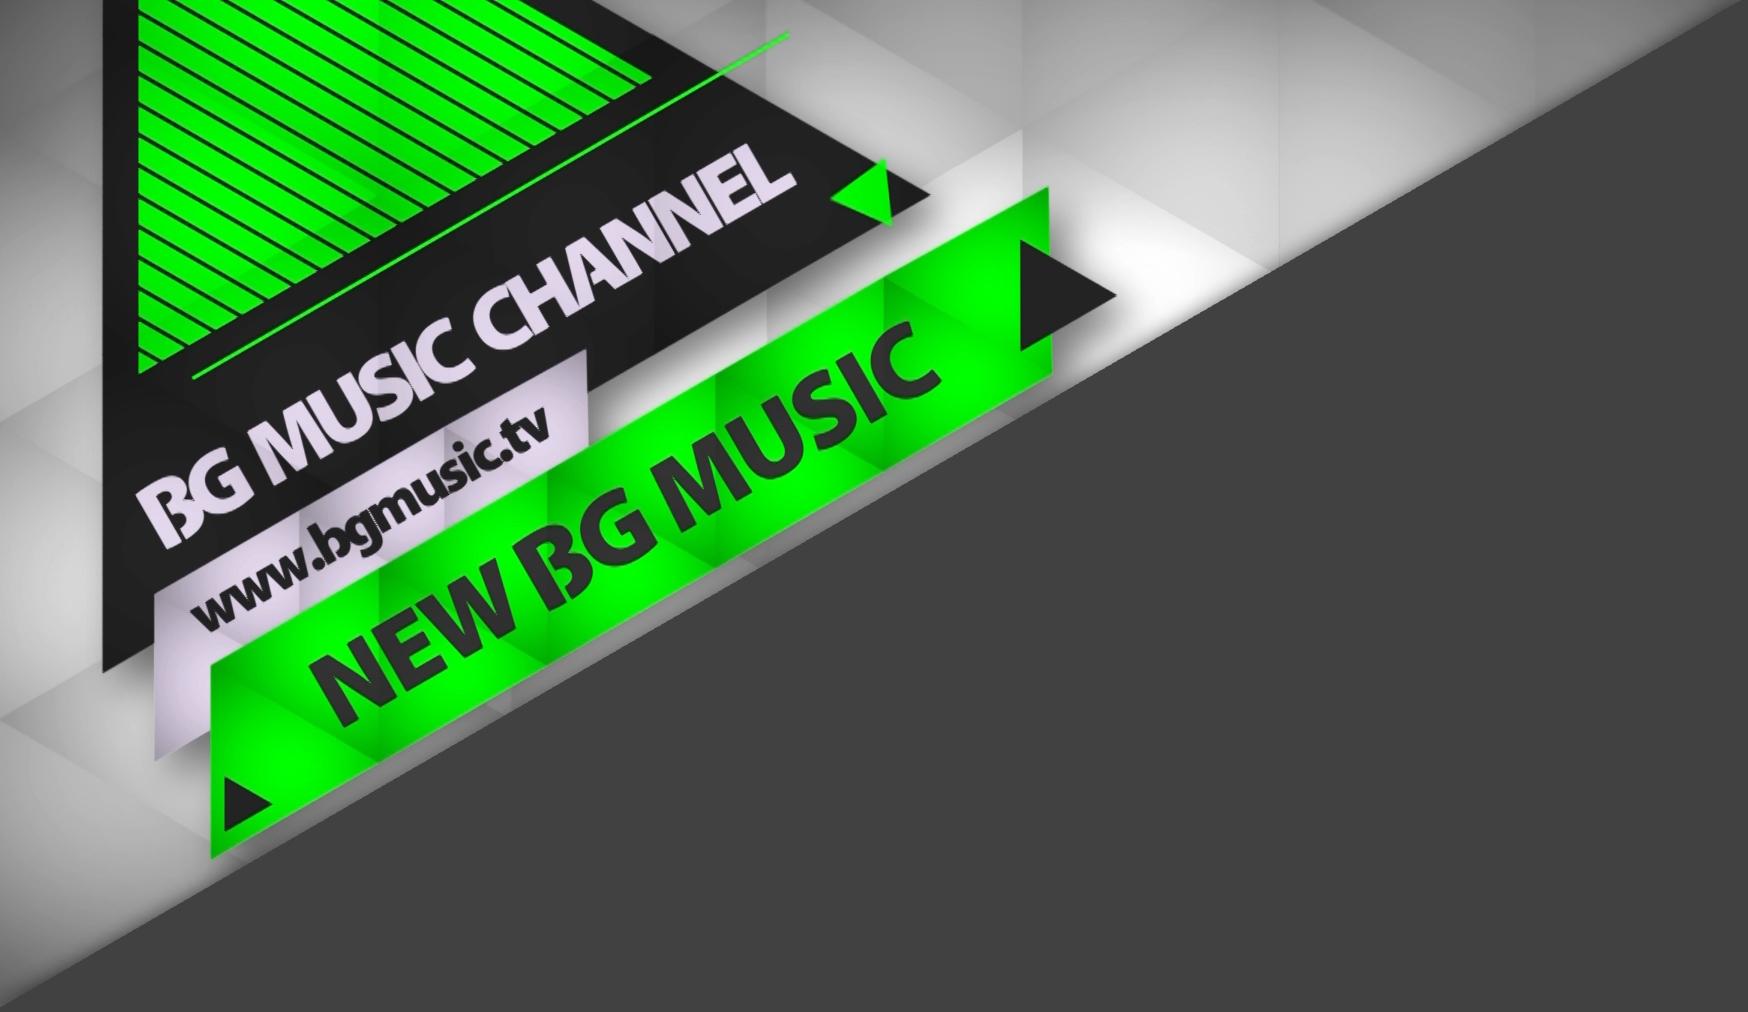 New Bg Music